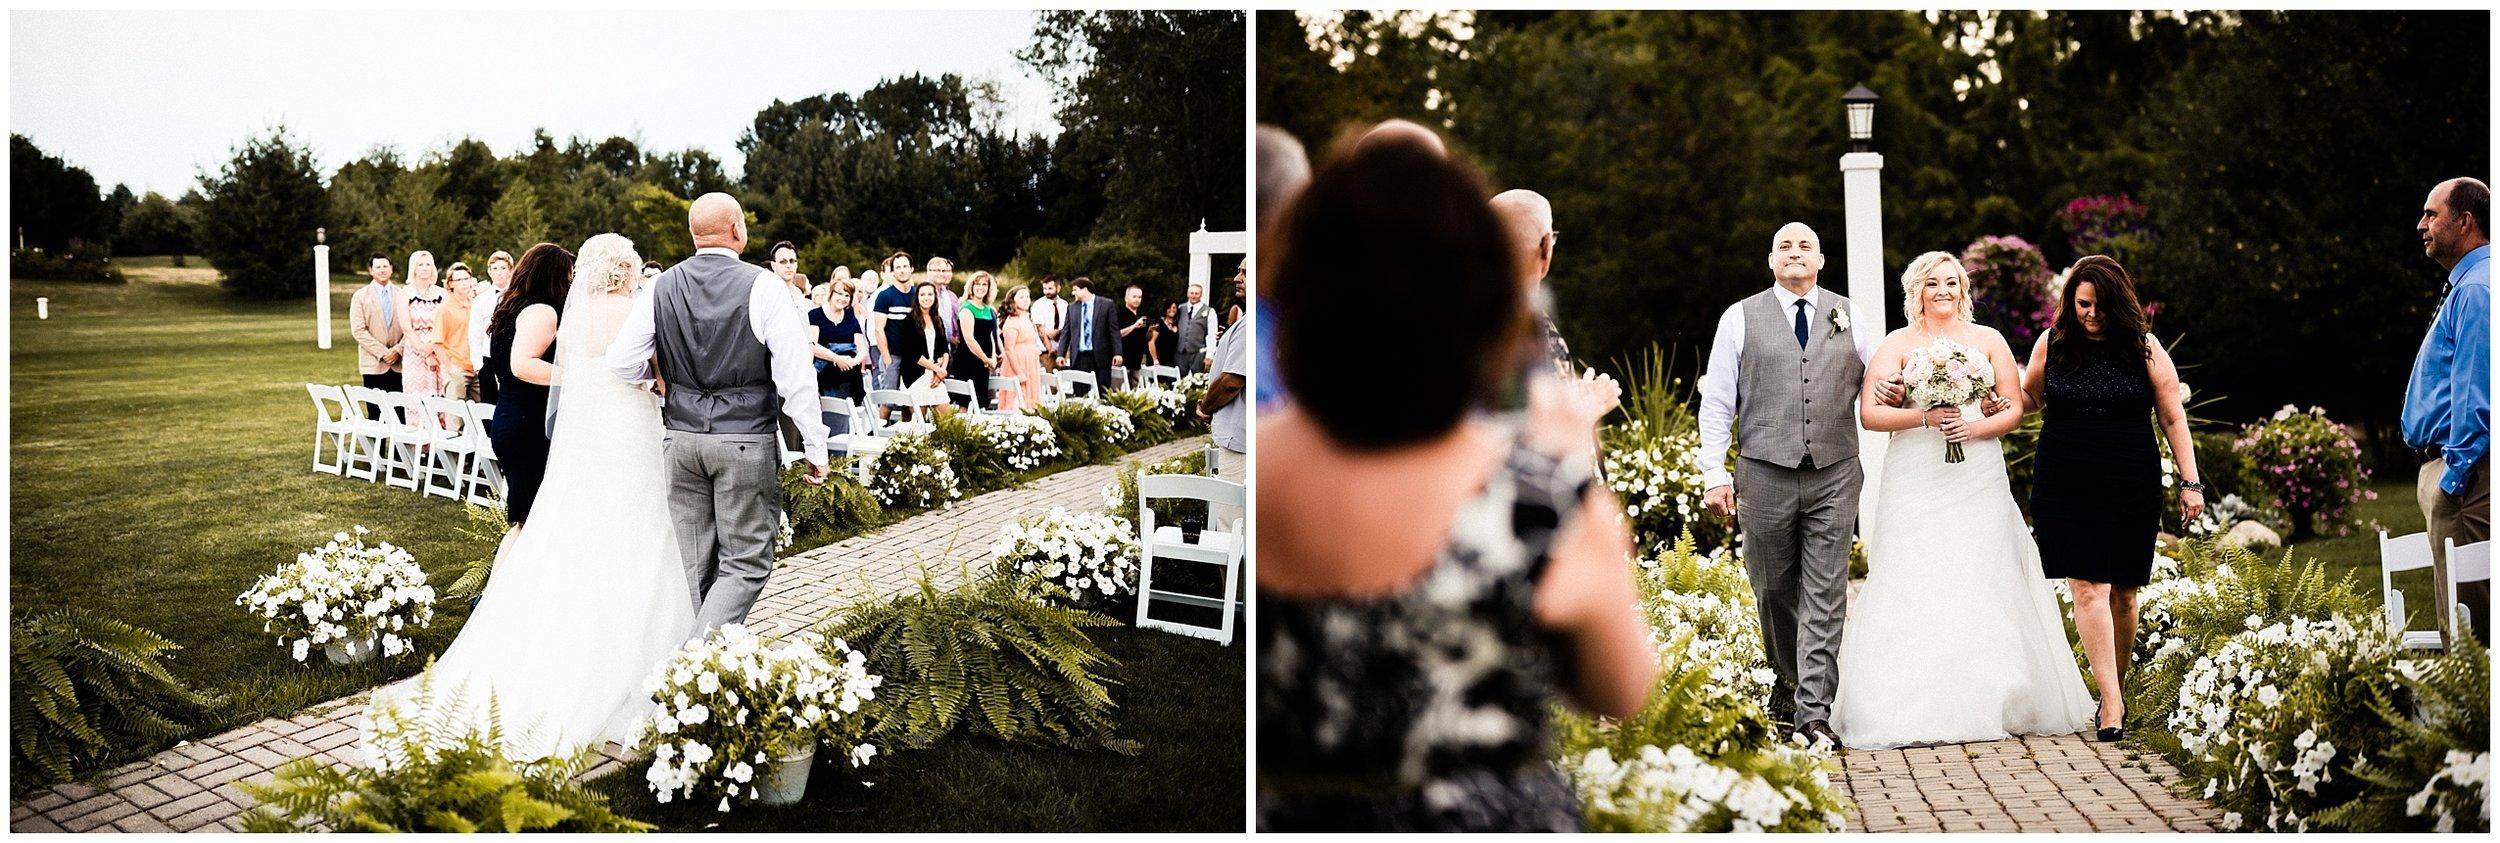 Nate + Rachel | Just Married  #kyleepaigephotography_0629.jpg